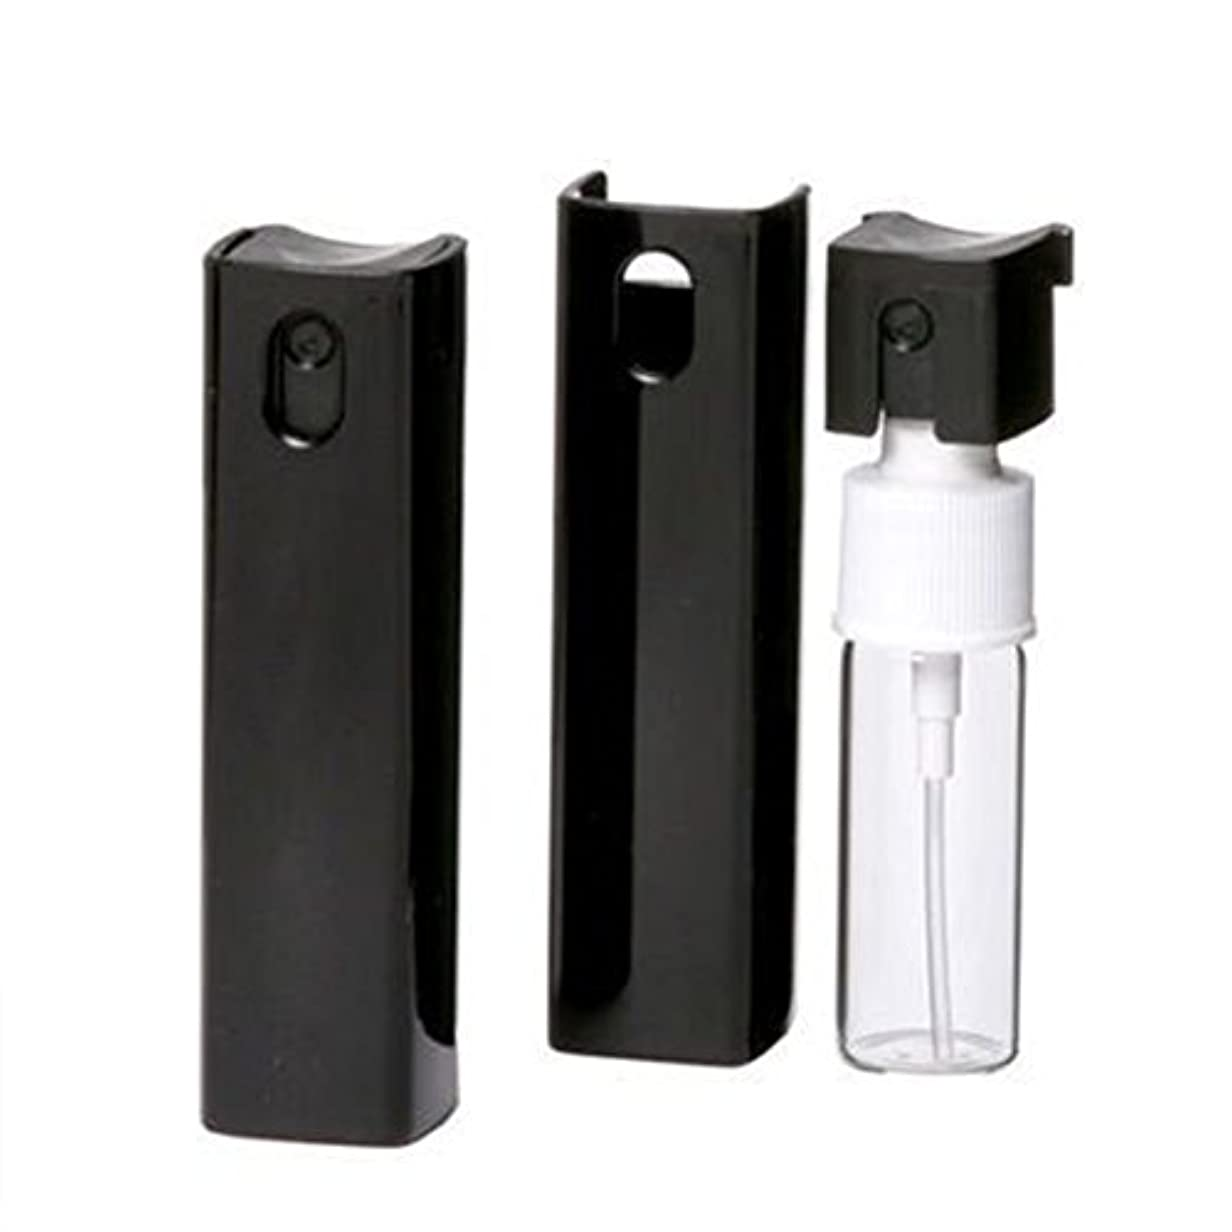 超高層ビル毛細血管パキスタンShopXJ 香水 メンズ アトマイザー 大人 男性 プッシュ式 詰め替え 持ち運び 身だしなみ 携帯用 10ml